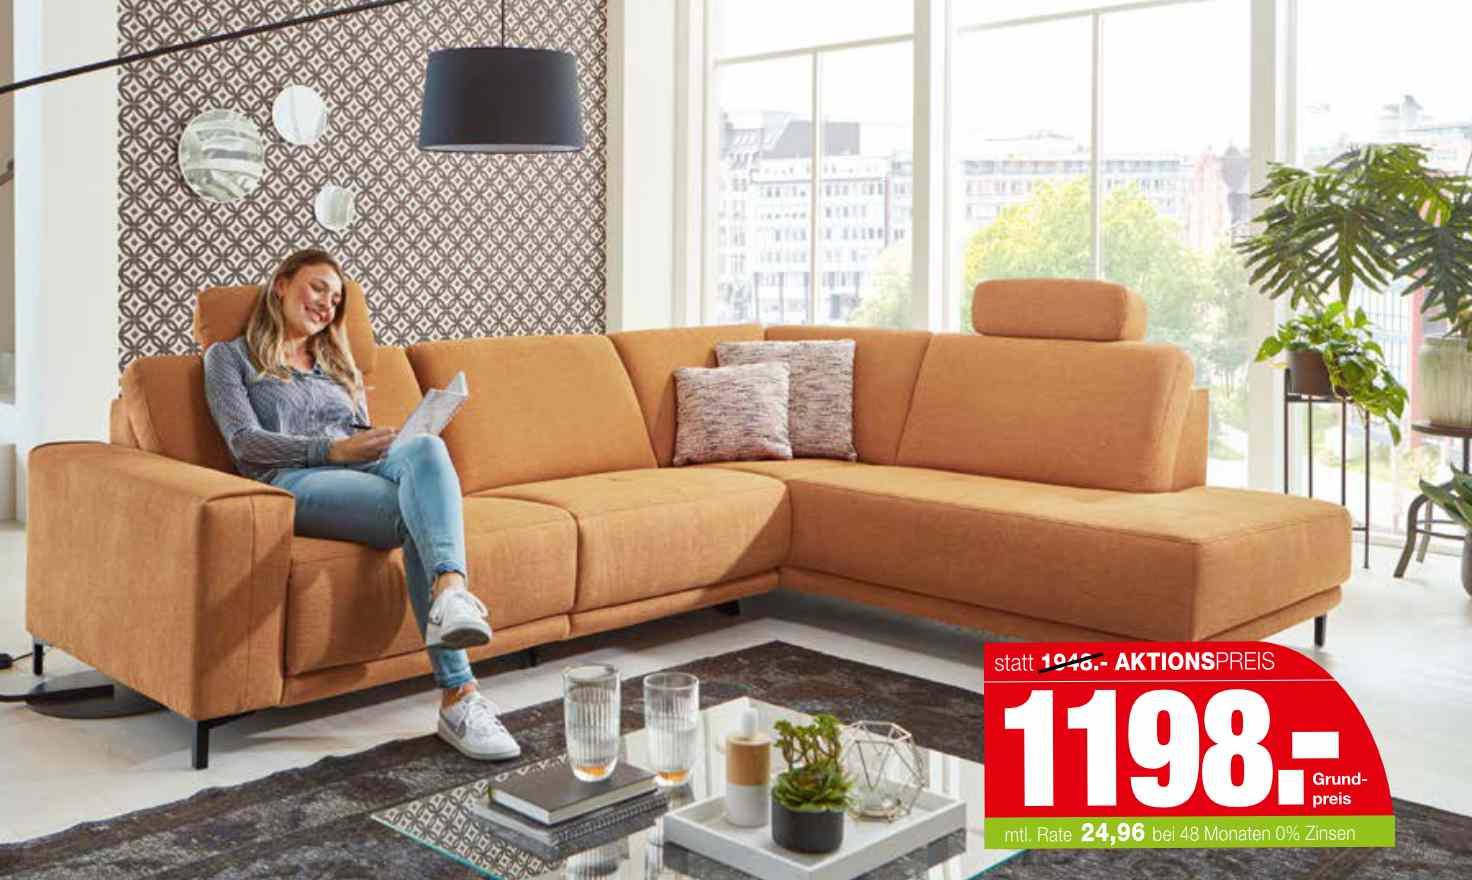 Full Size of Sofa Rund Klein Couchtisch Couch Und Zum Besten Preis Kaufen Company In Paderborn Online Büffelleder Wohnlandschaft Big Leder Thailand Rundreise Baden Ikea Wohnzimmer Sofa Rund Klein